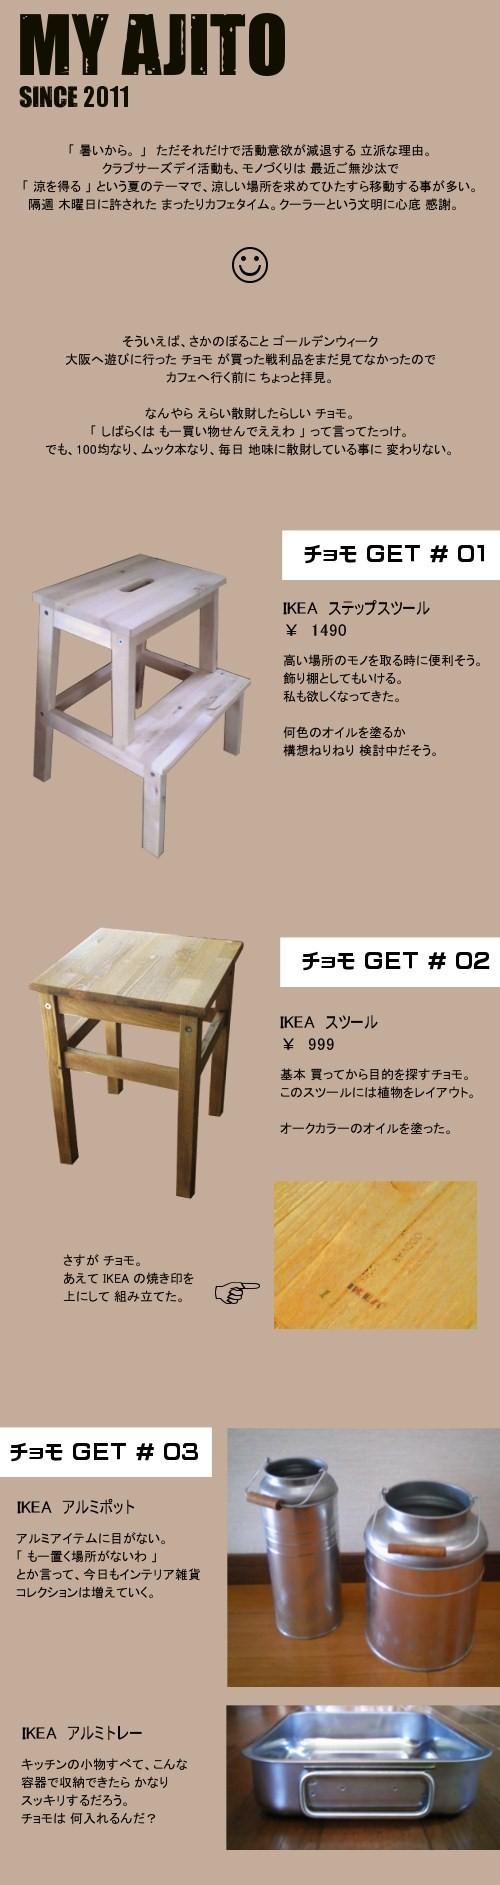 CHOMO_K1.jpg